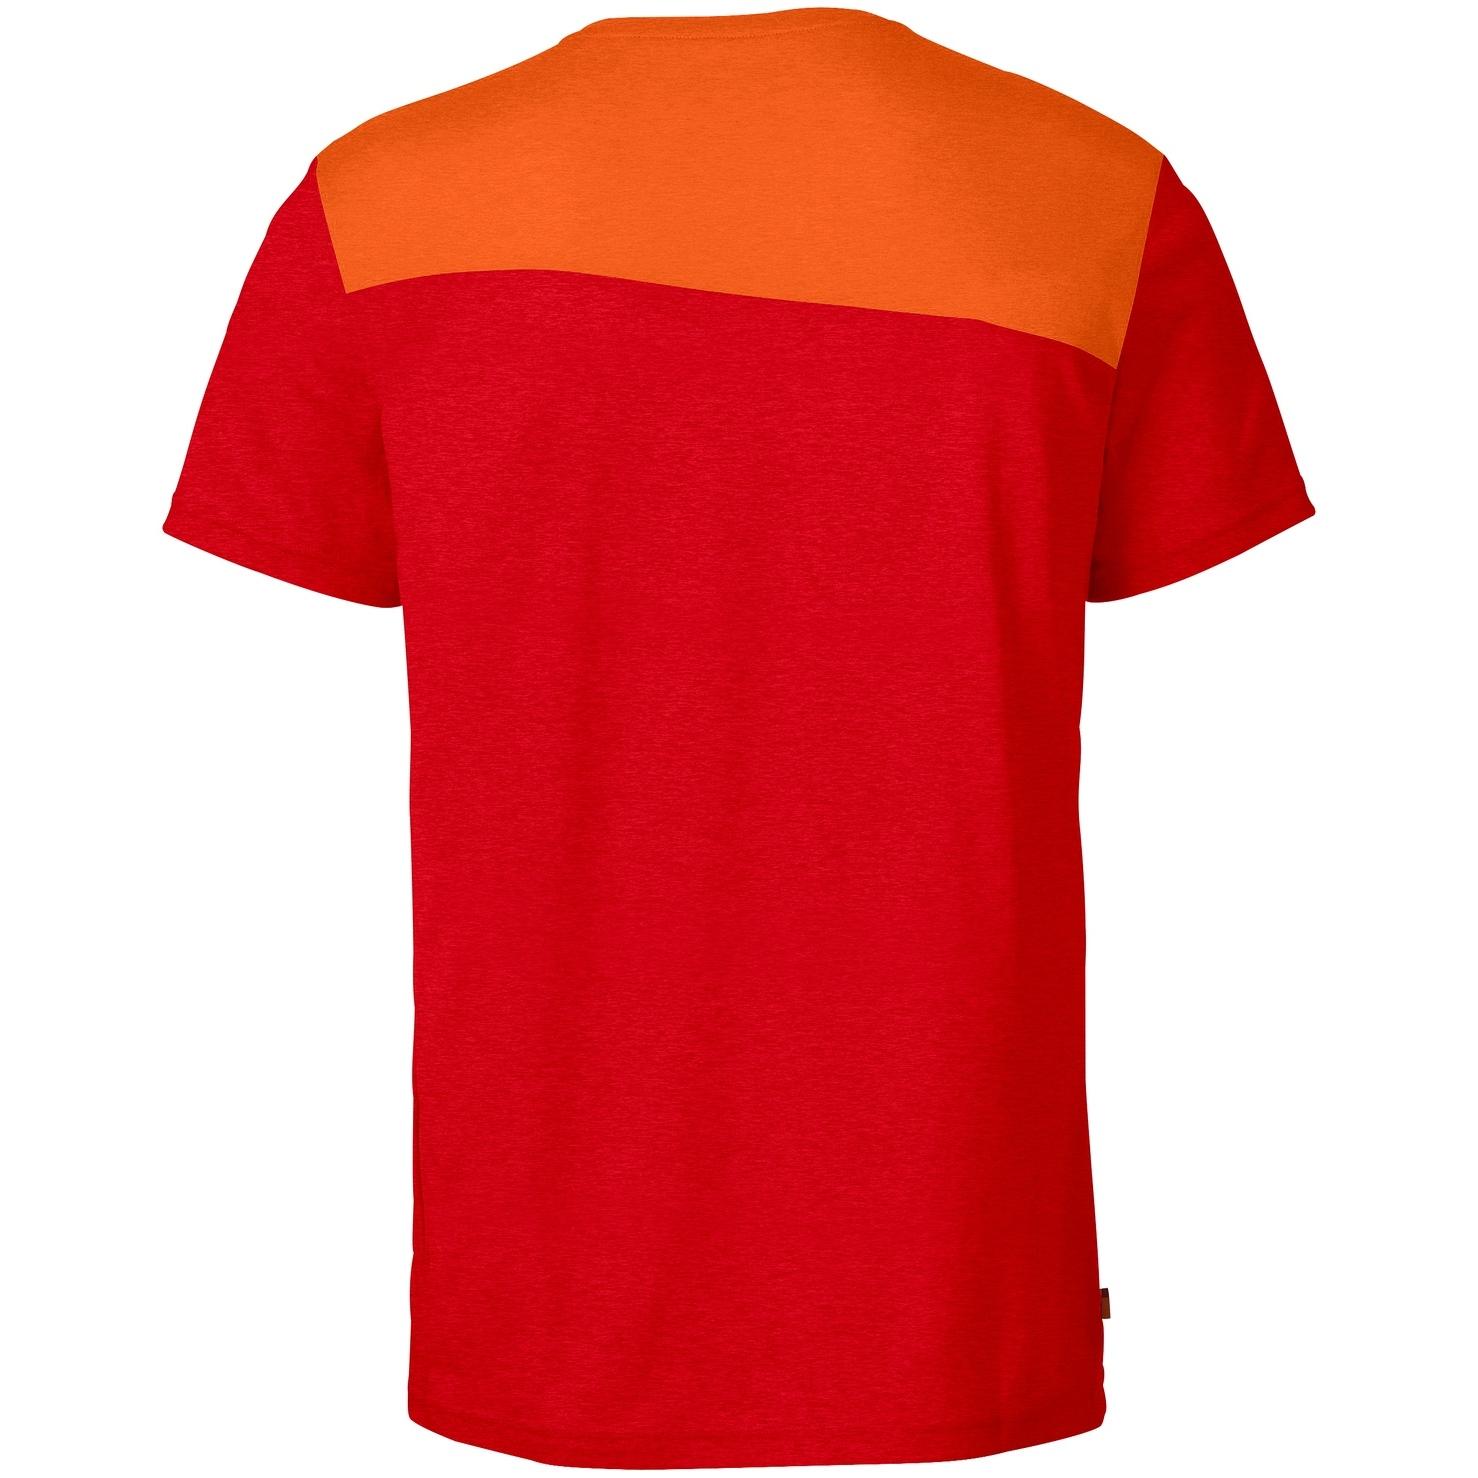 Bild von Vaude Sveit T-Shirt - mars red/tangerine